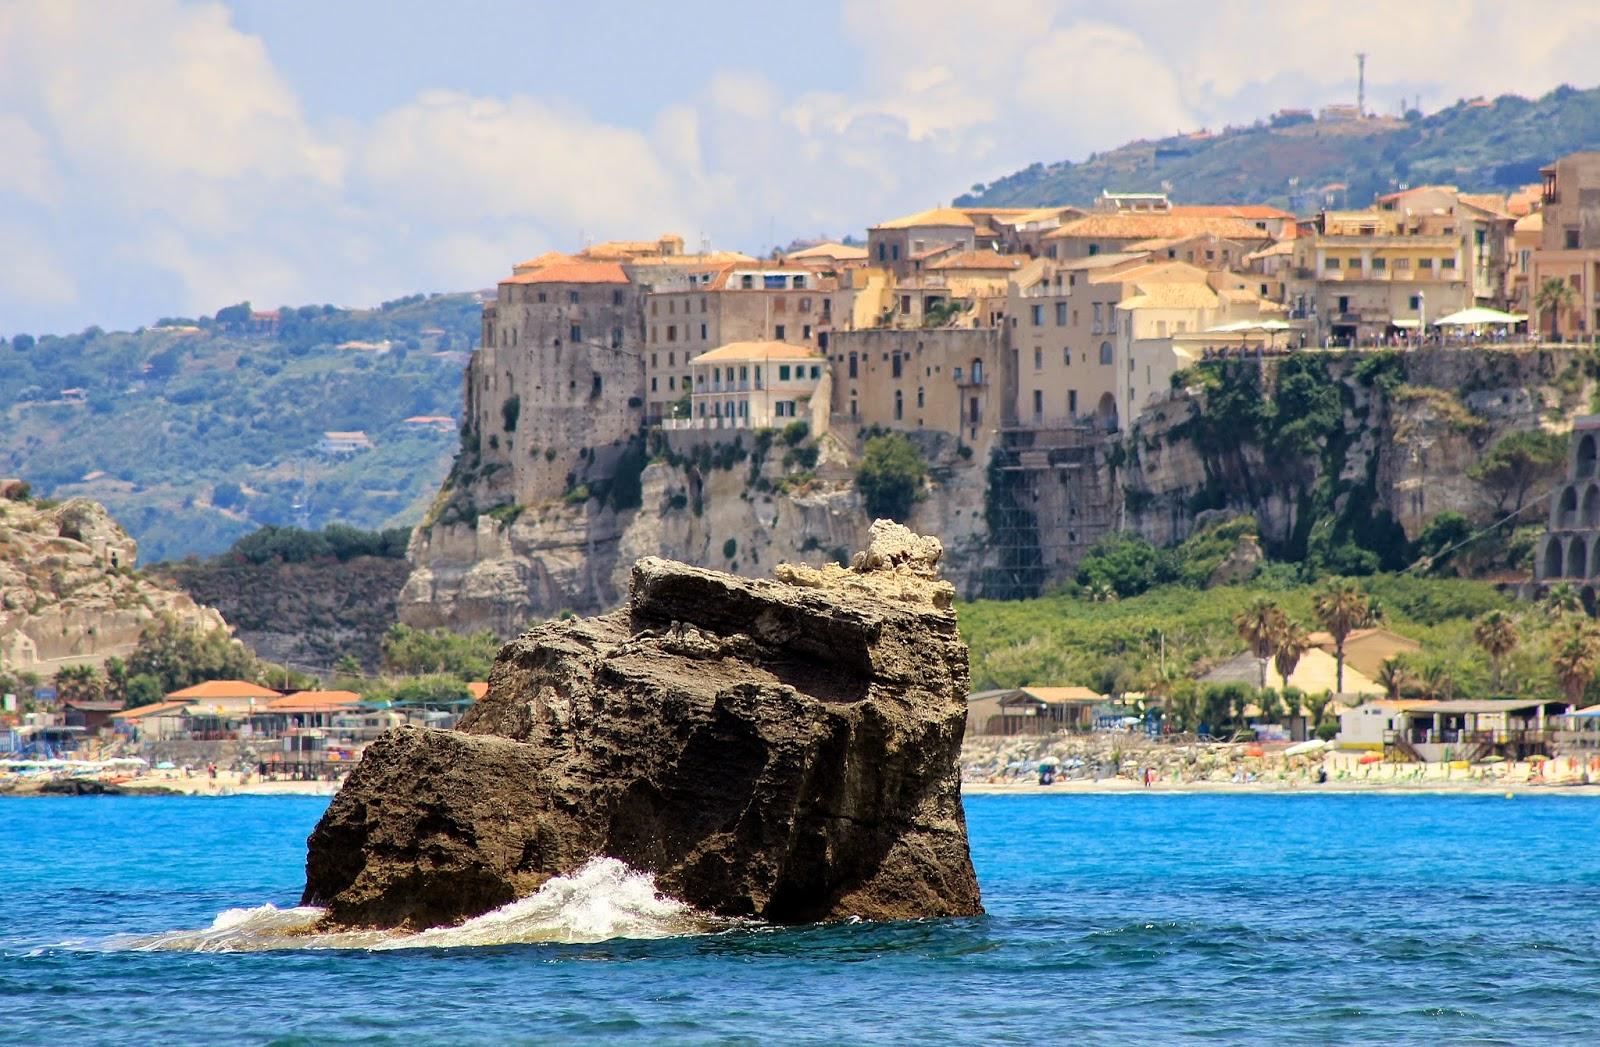 Plaża Riaci Kalabria Włochy